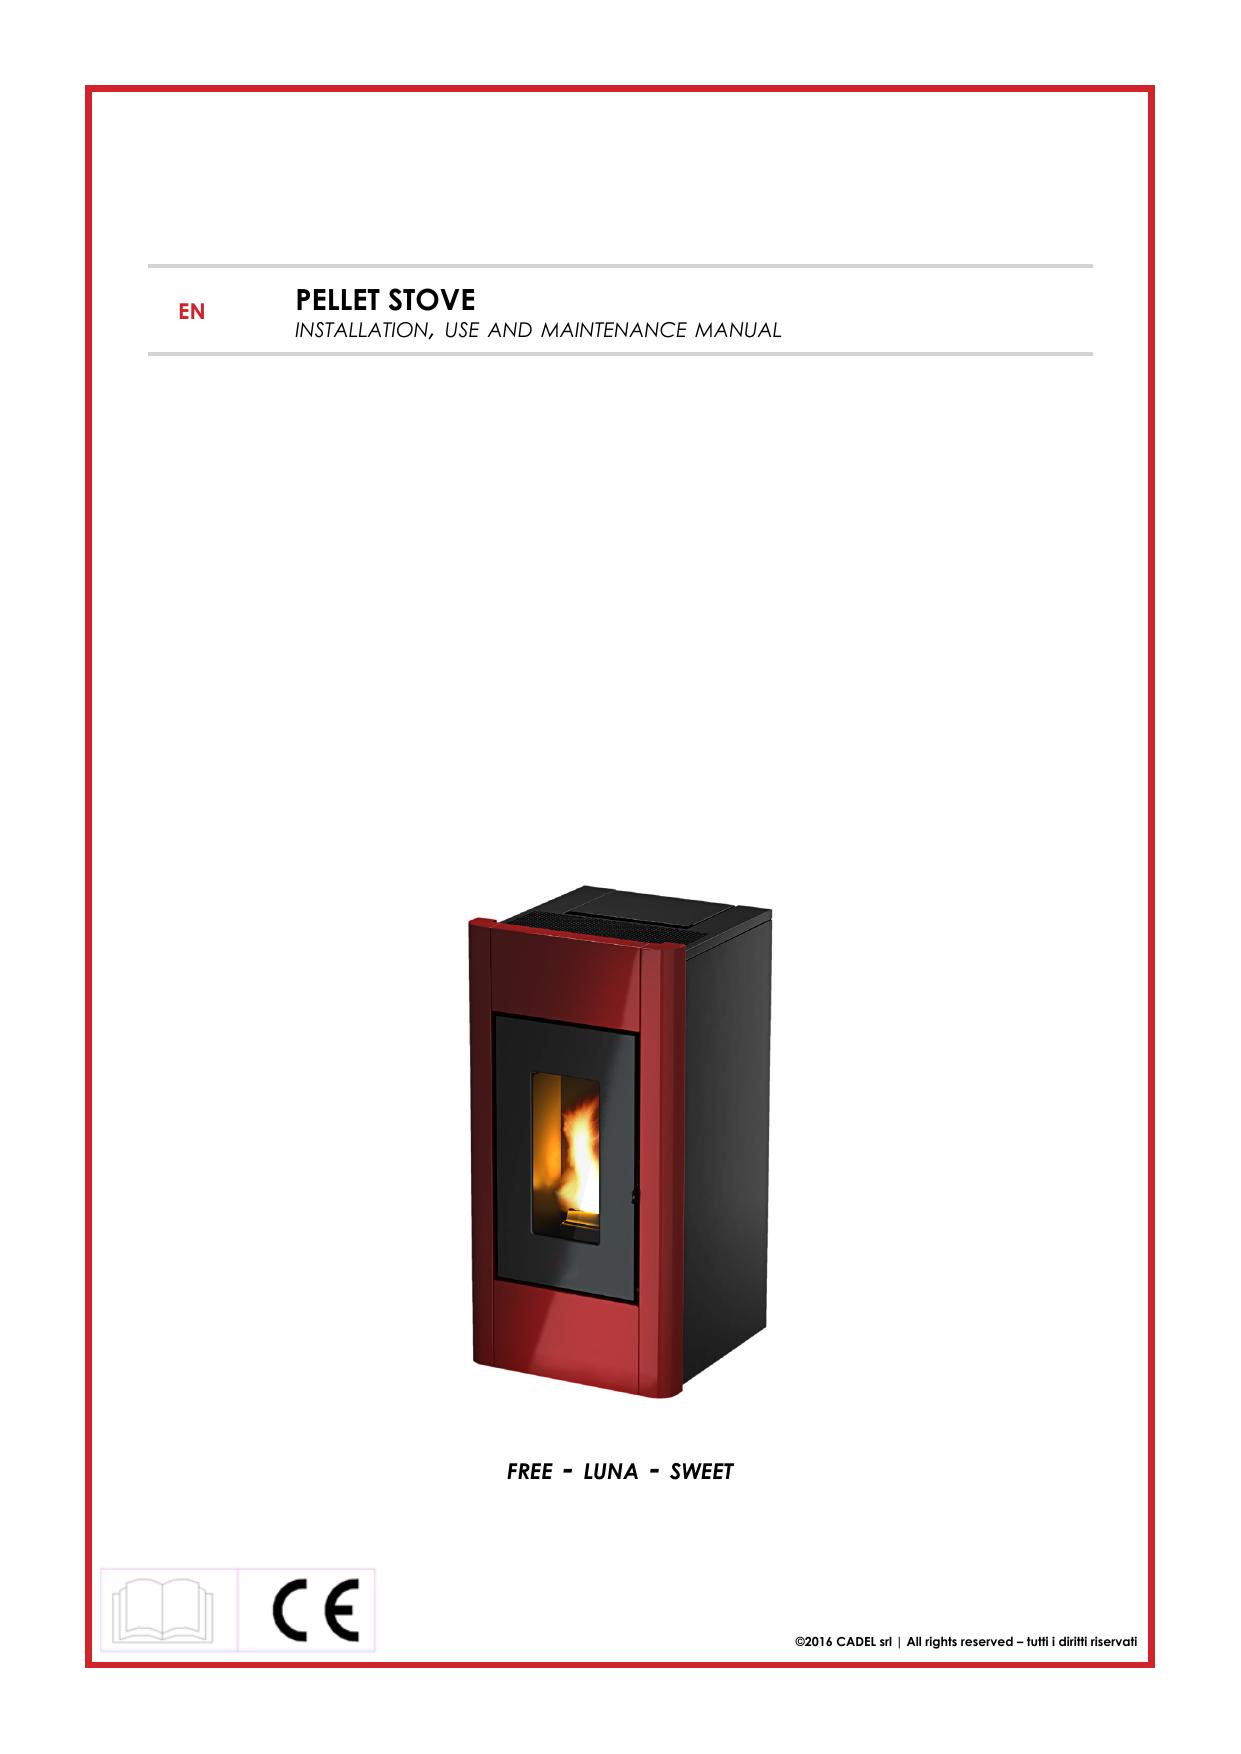 pellet stove - Stufe Cadel srl | manualzz.com